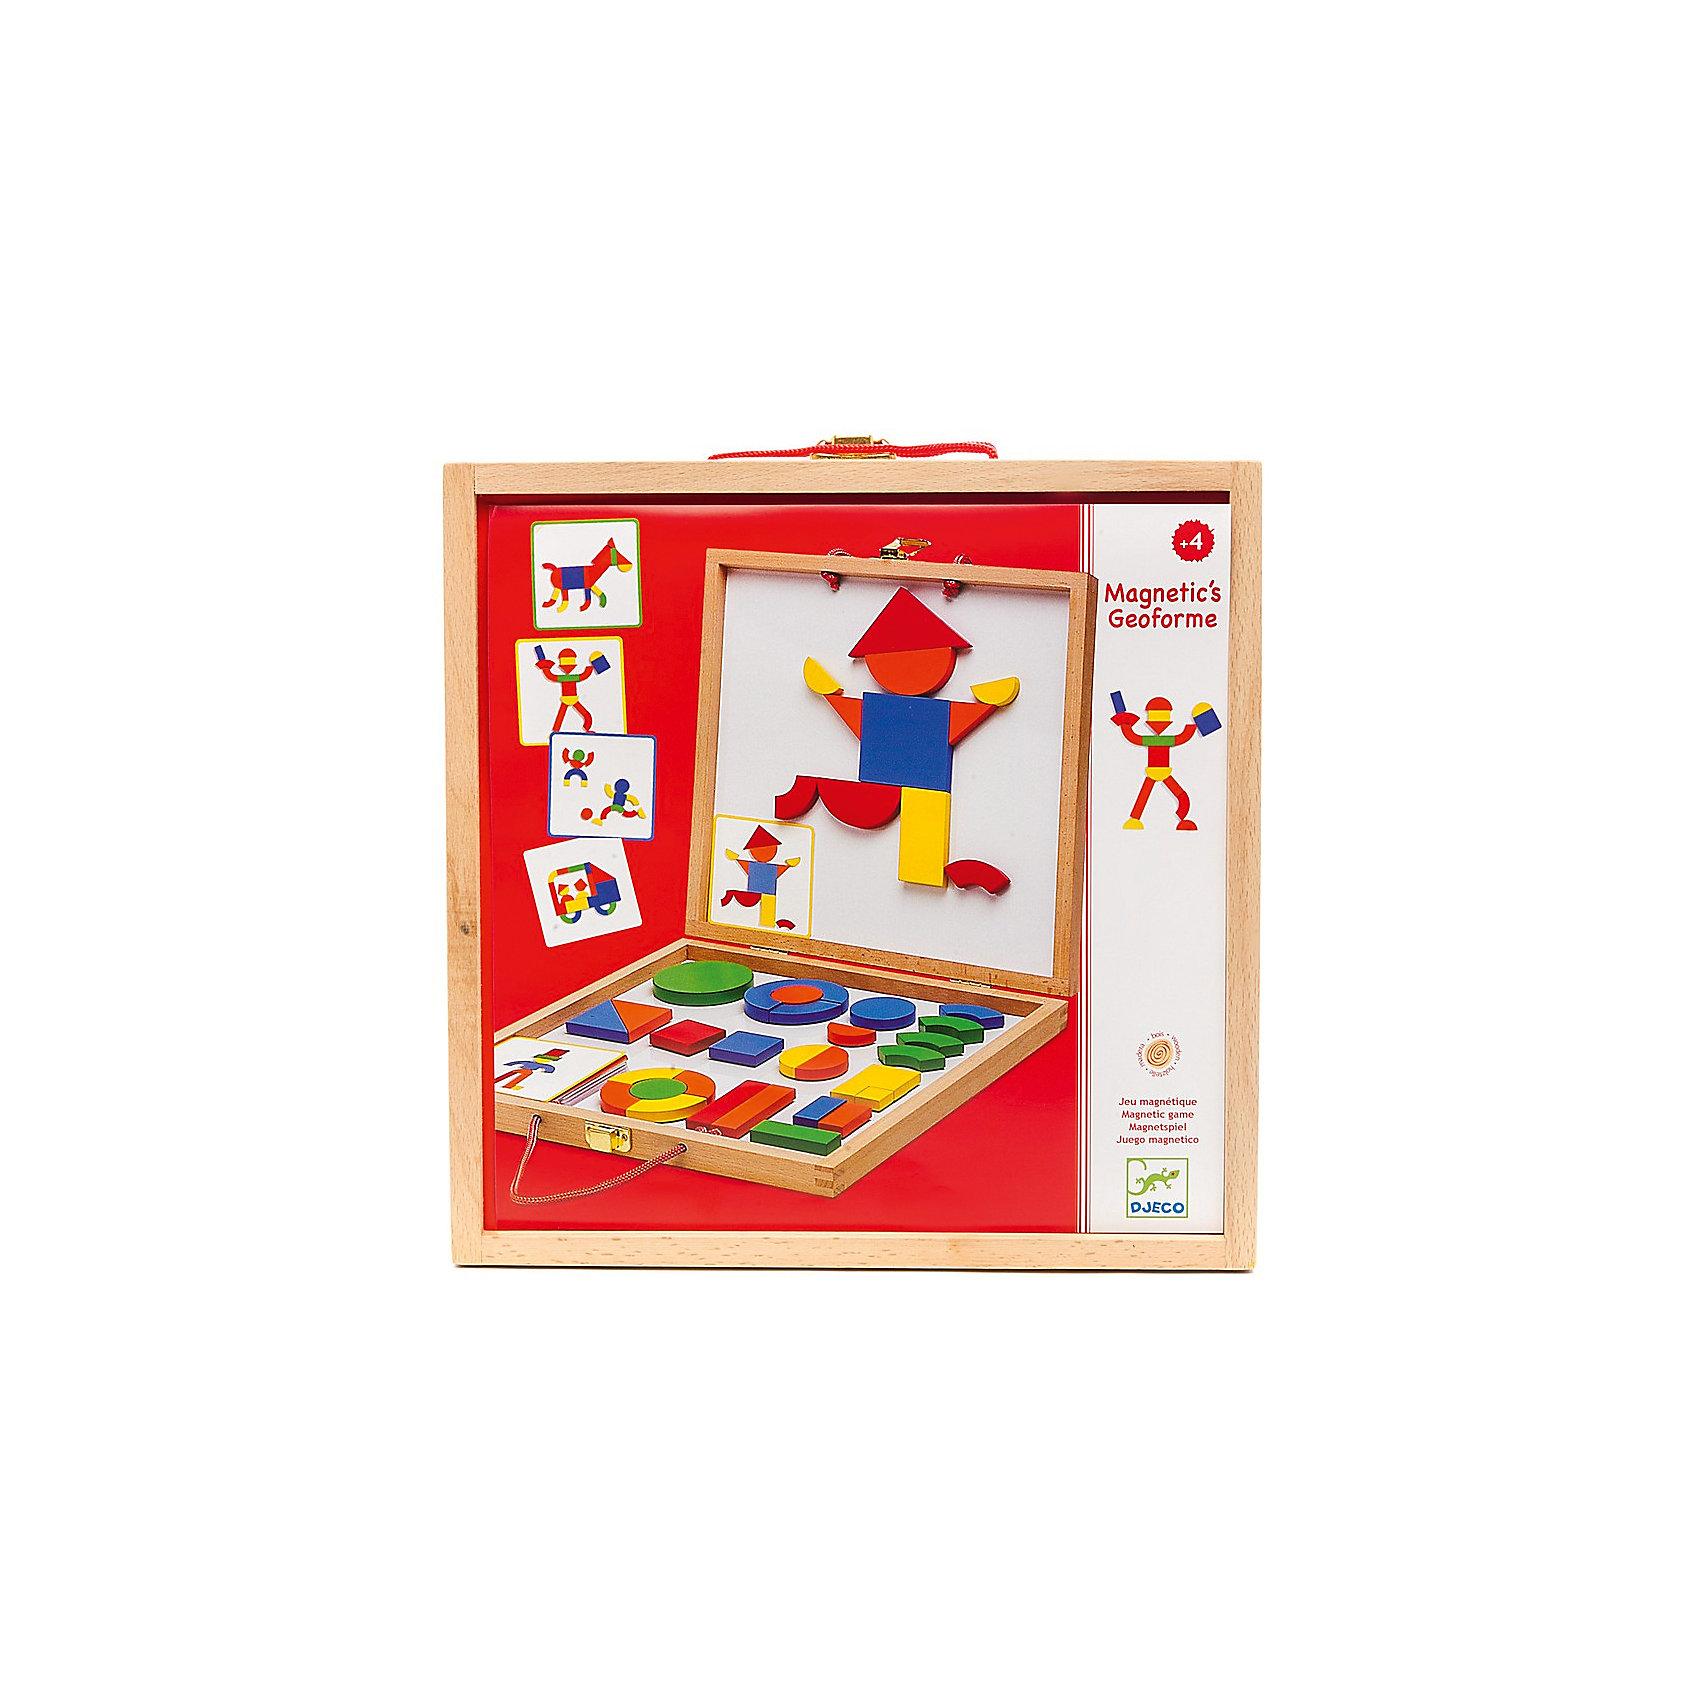 Развивающая магнитная игра Геоформ, DJECOРазвивающие игры<br>Магнитная доска с набором магнитных фигур Геоформ - это удивительная игрушка, разработанная компанией Djeco для создания разнообразных персонажей и красочных фигур. Играя с деревянными деталями, дети могут складывать различные фигурки, менять их местами и создавать целые картины при помощи магнитов. Геоформ станет красивым и полезным подарком для ребенка. Доска - двусторонняя, представляет собой складывающийся деревянный чемоданчик. Внутри набора находятся металлическое поле и деревянные фигуры на магнитах. Детям будет интересно перебирать фигурки разных форм и цветов. Все детали хорошо крепятся к поверхности доски при помощи магнитов. В компактном деревянном чемоданчике можно хранить все детали, у него удобные ручки, поэтому, его можно брать с собой. Игра знакомит ребенка с формами и цветами, развивает фантазию и наглядно-образное мышление, мелкую моторику и координацию ребенка.  <br><br>Дополнительная информация:<br><br>- Материал: картон, дерево, магнит.<br>- Размер чемоданчика: 30х30х4 см. <br>- Комплектация: 42 деревянные детали, 24 карточки с примерами.<br><br>Развивающую магнитную игру Геоформ, DJECO (Джеко), можно купить в нашем магазине.<br><br>Ширина мм: 300<br>Глубина мм: 300<br>Высота мм: 45<br>Вес г: 275<br>Возраст от месяцев: 36<br>Возраст до месяцев: 84<br>Пол: Унисекс<br>Возраст: Детский<br>SKU: 4051887